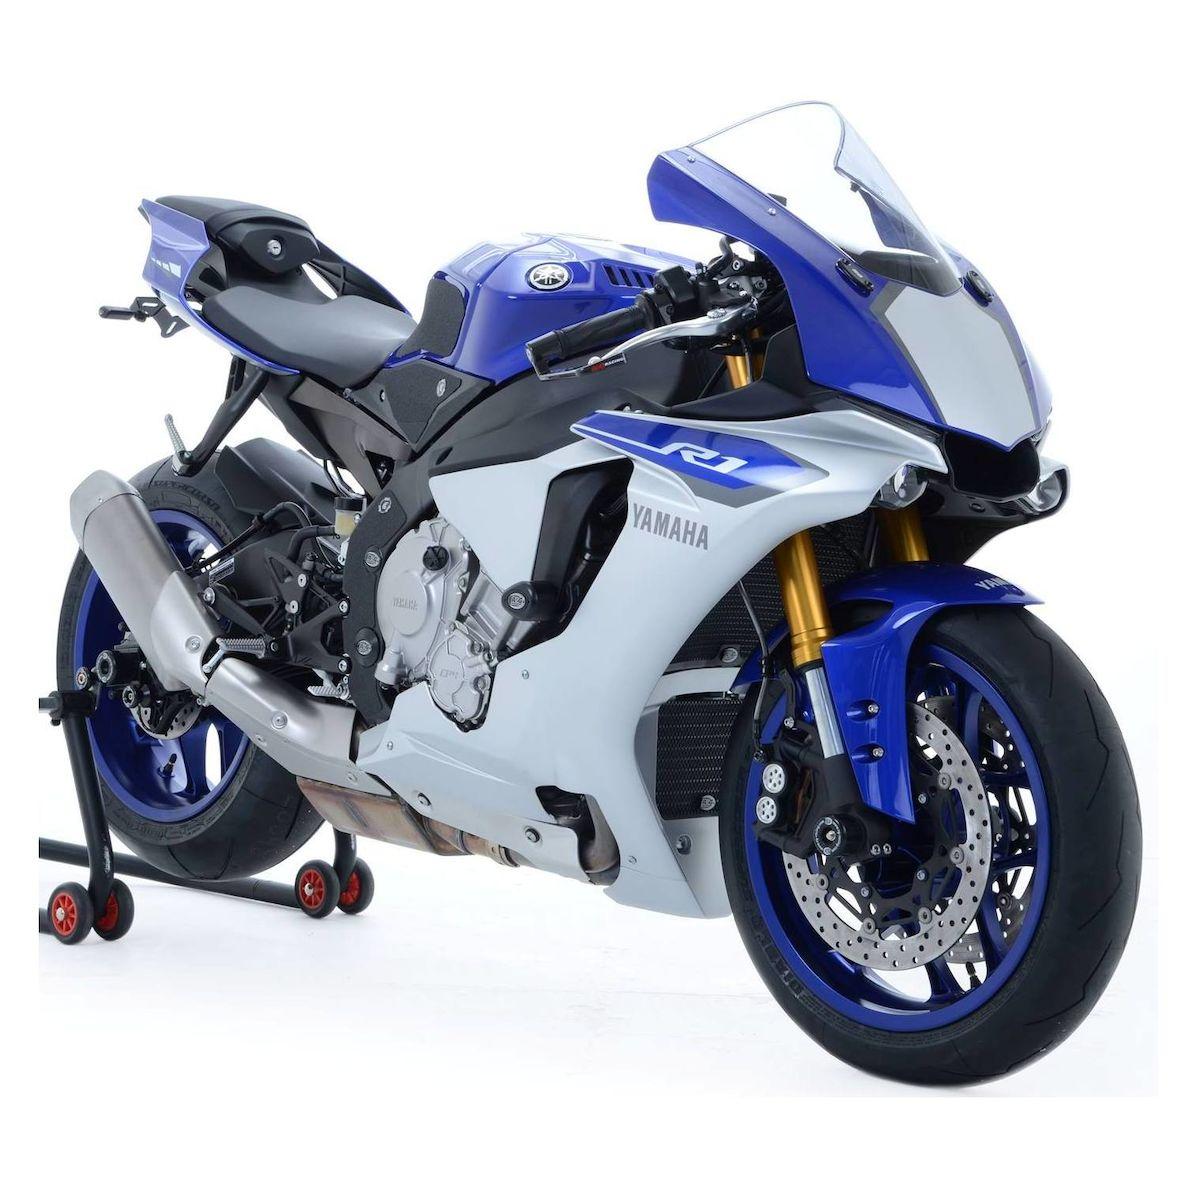 Any Tips for 2nd Gear Wheelie? - Yamaha R3 Forum